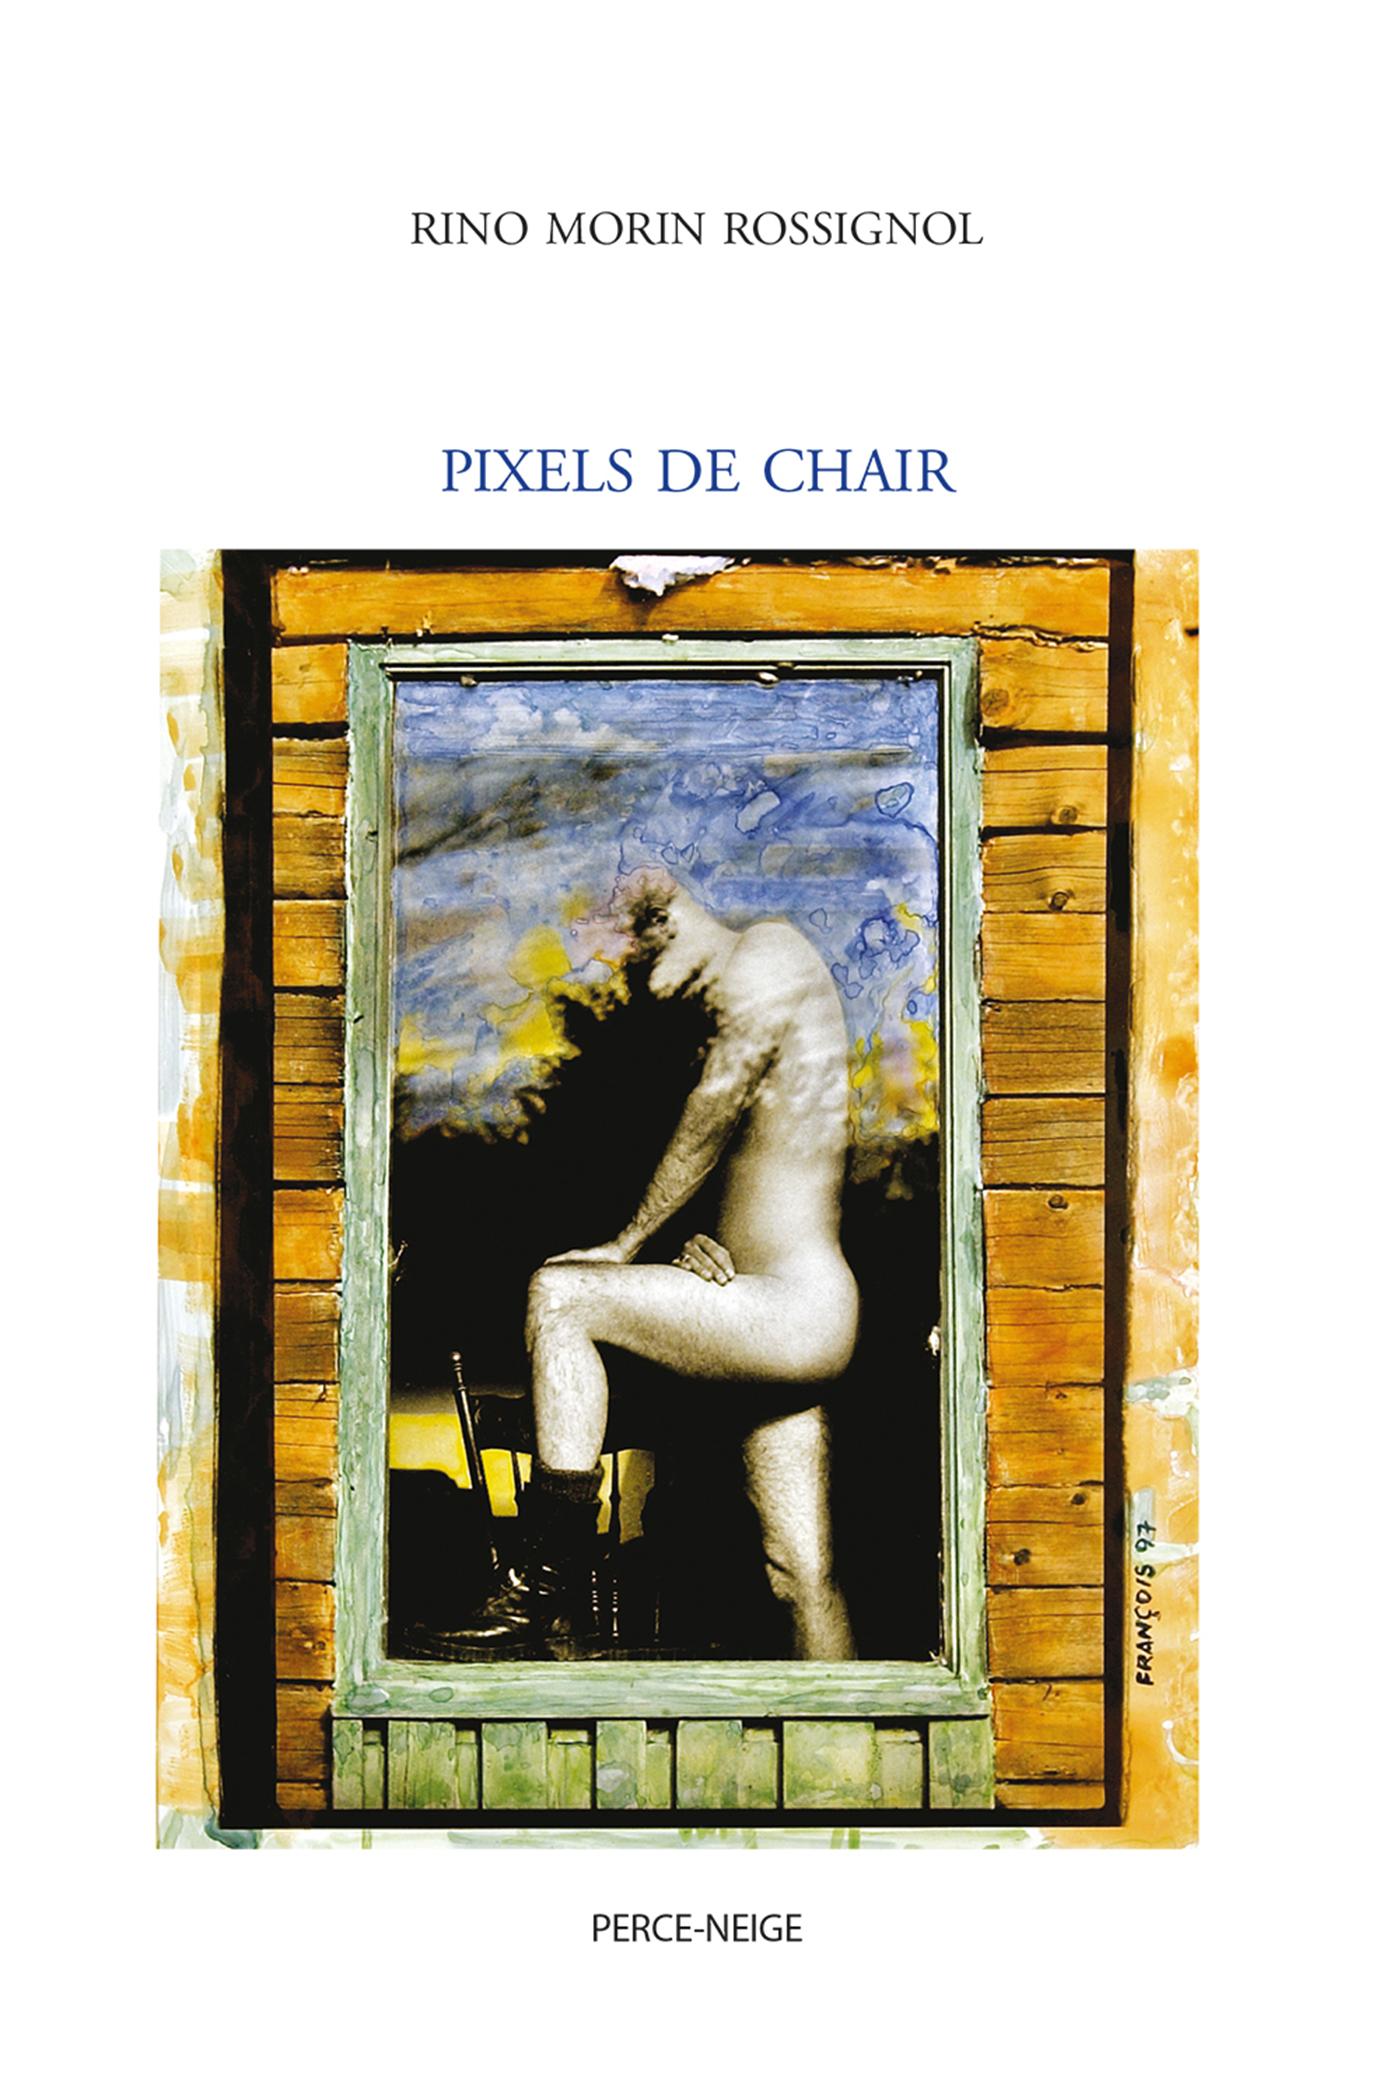 Pixels de chair